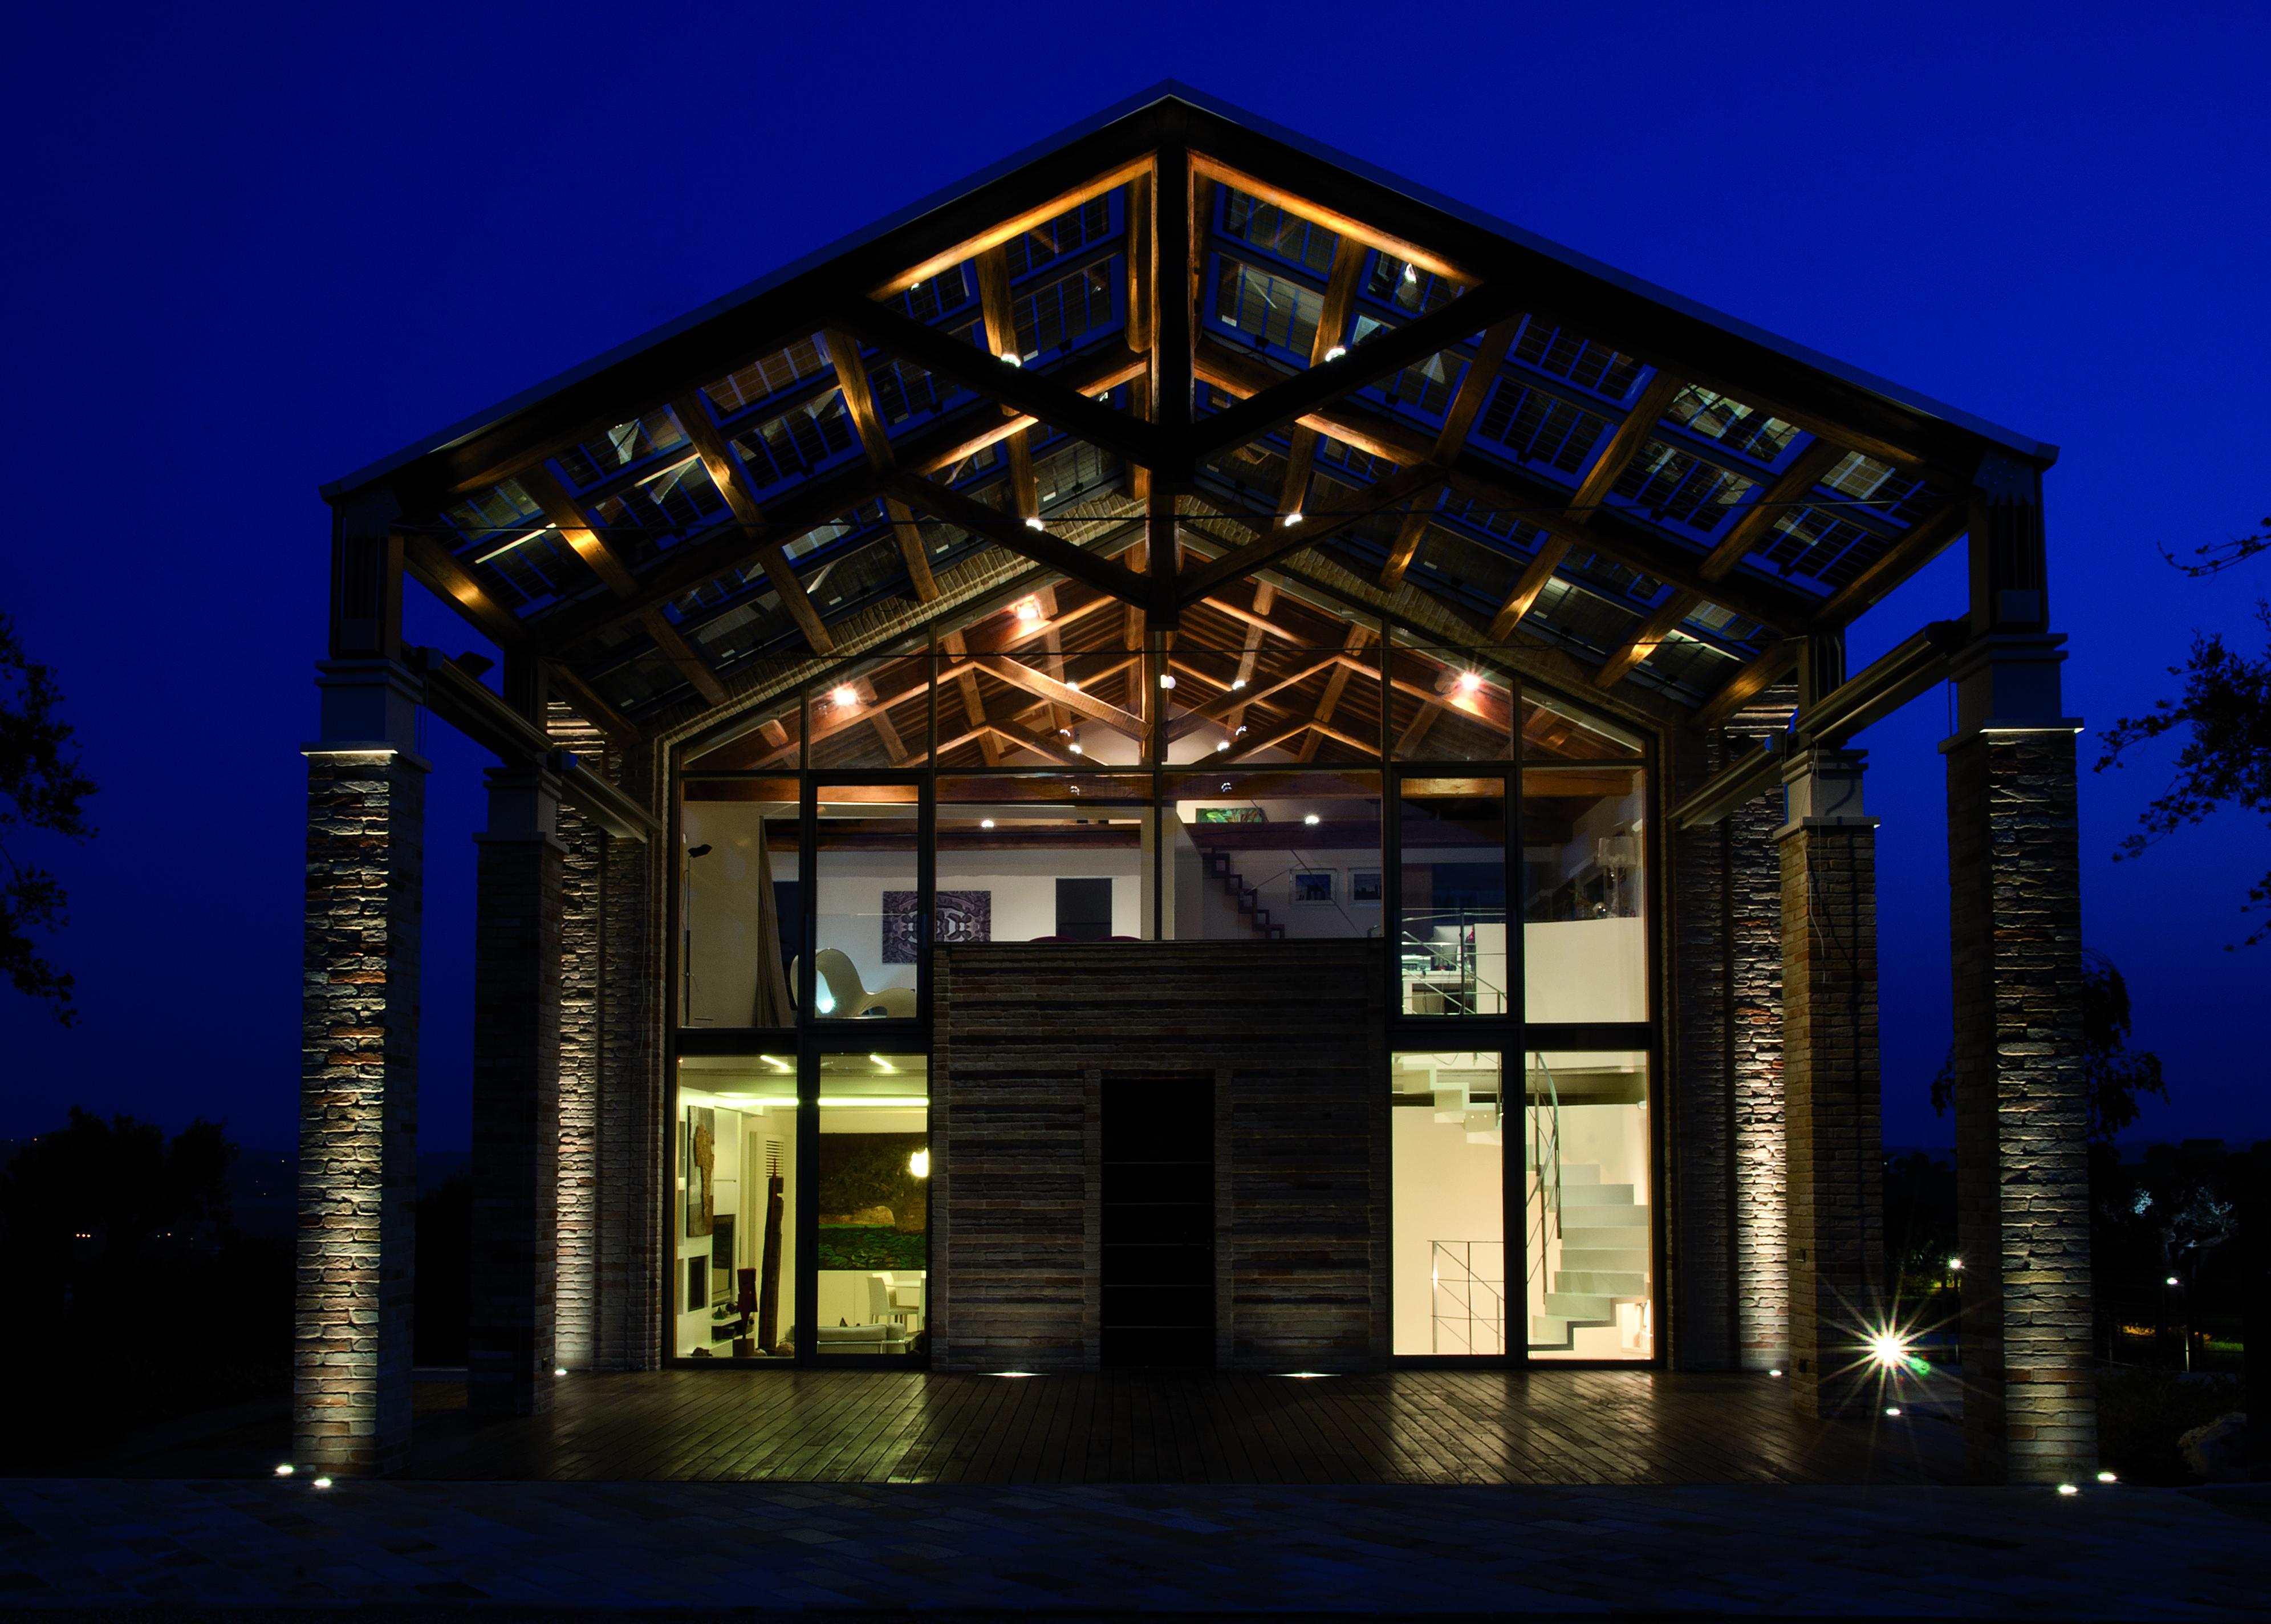 Pareti Esterne Illuminate : Uno sguardo sopra lorizzonte luce e design